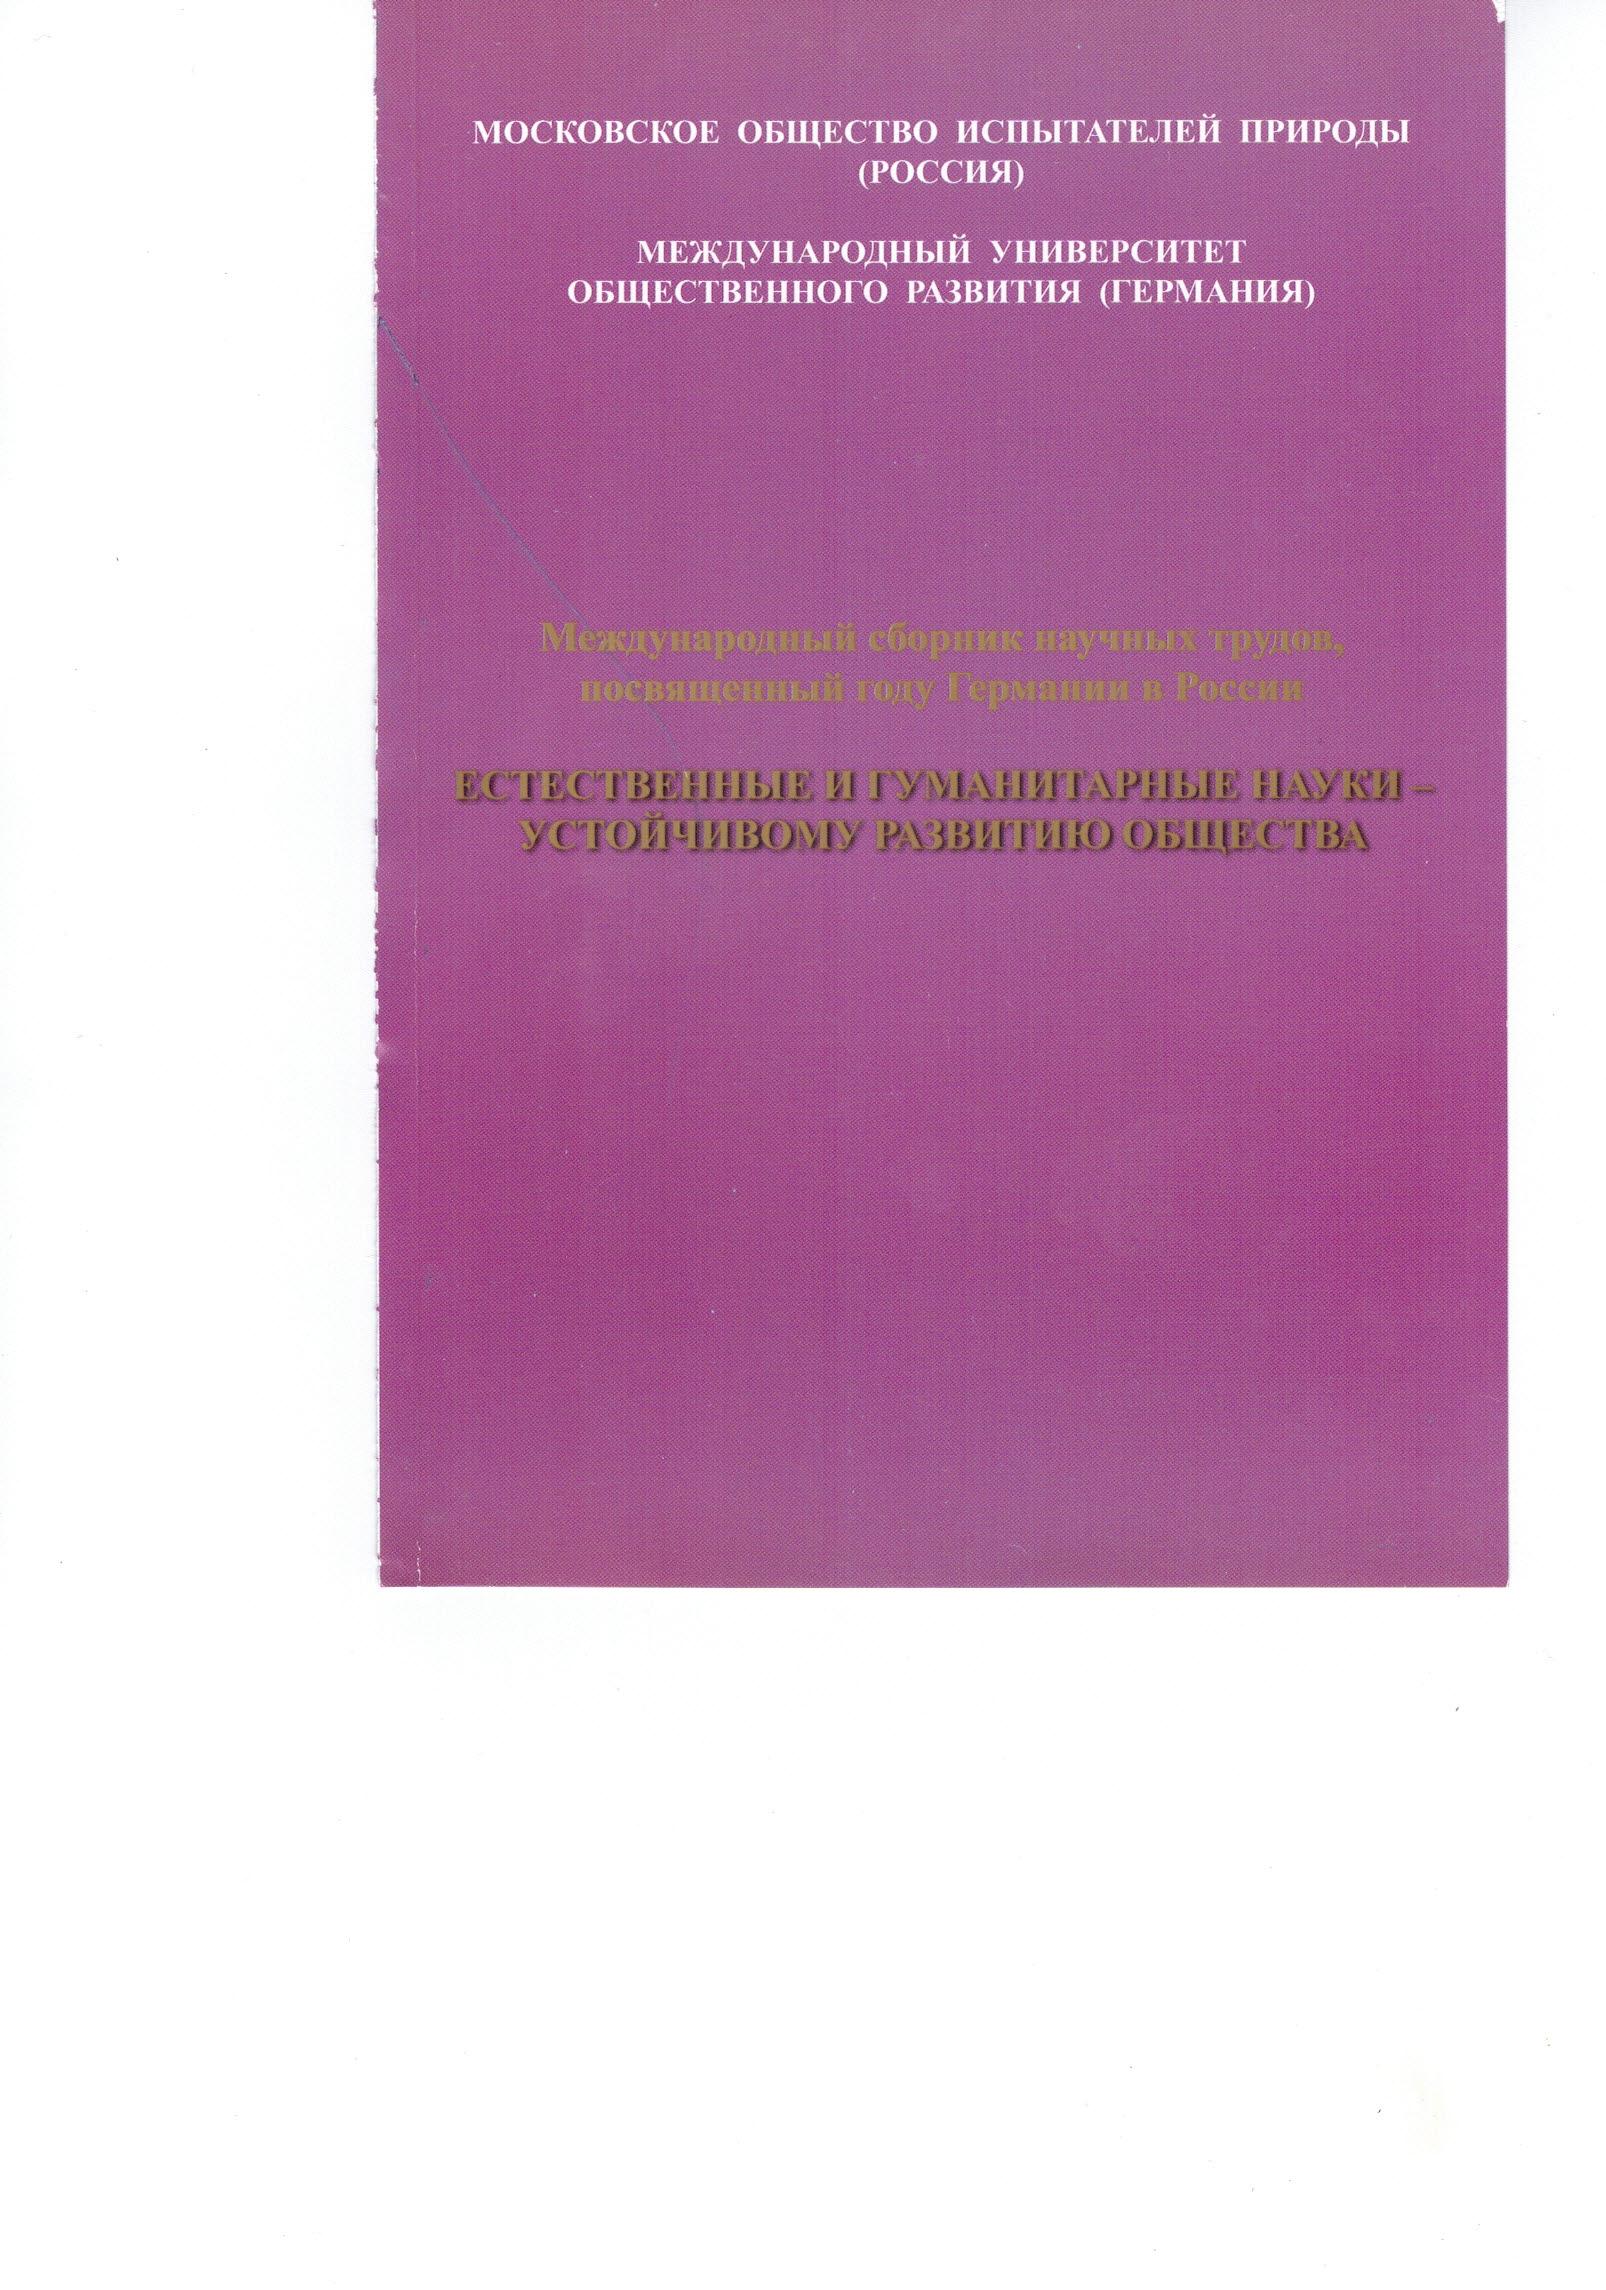 Международный сборник научных статей, посвященный году Германии в России. Естественные и гуманитарные науки - устойчивому развитию общества.